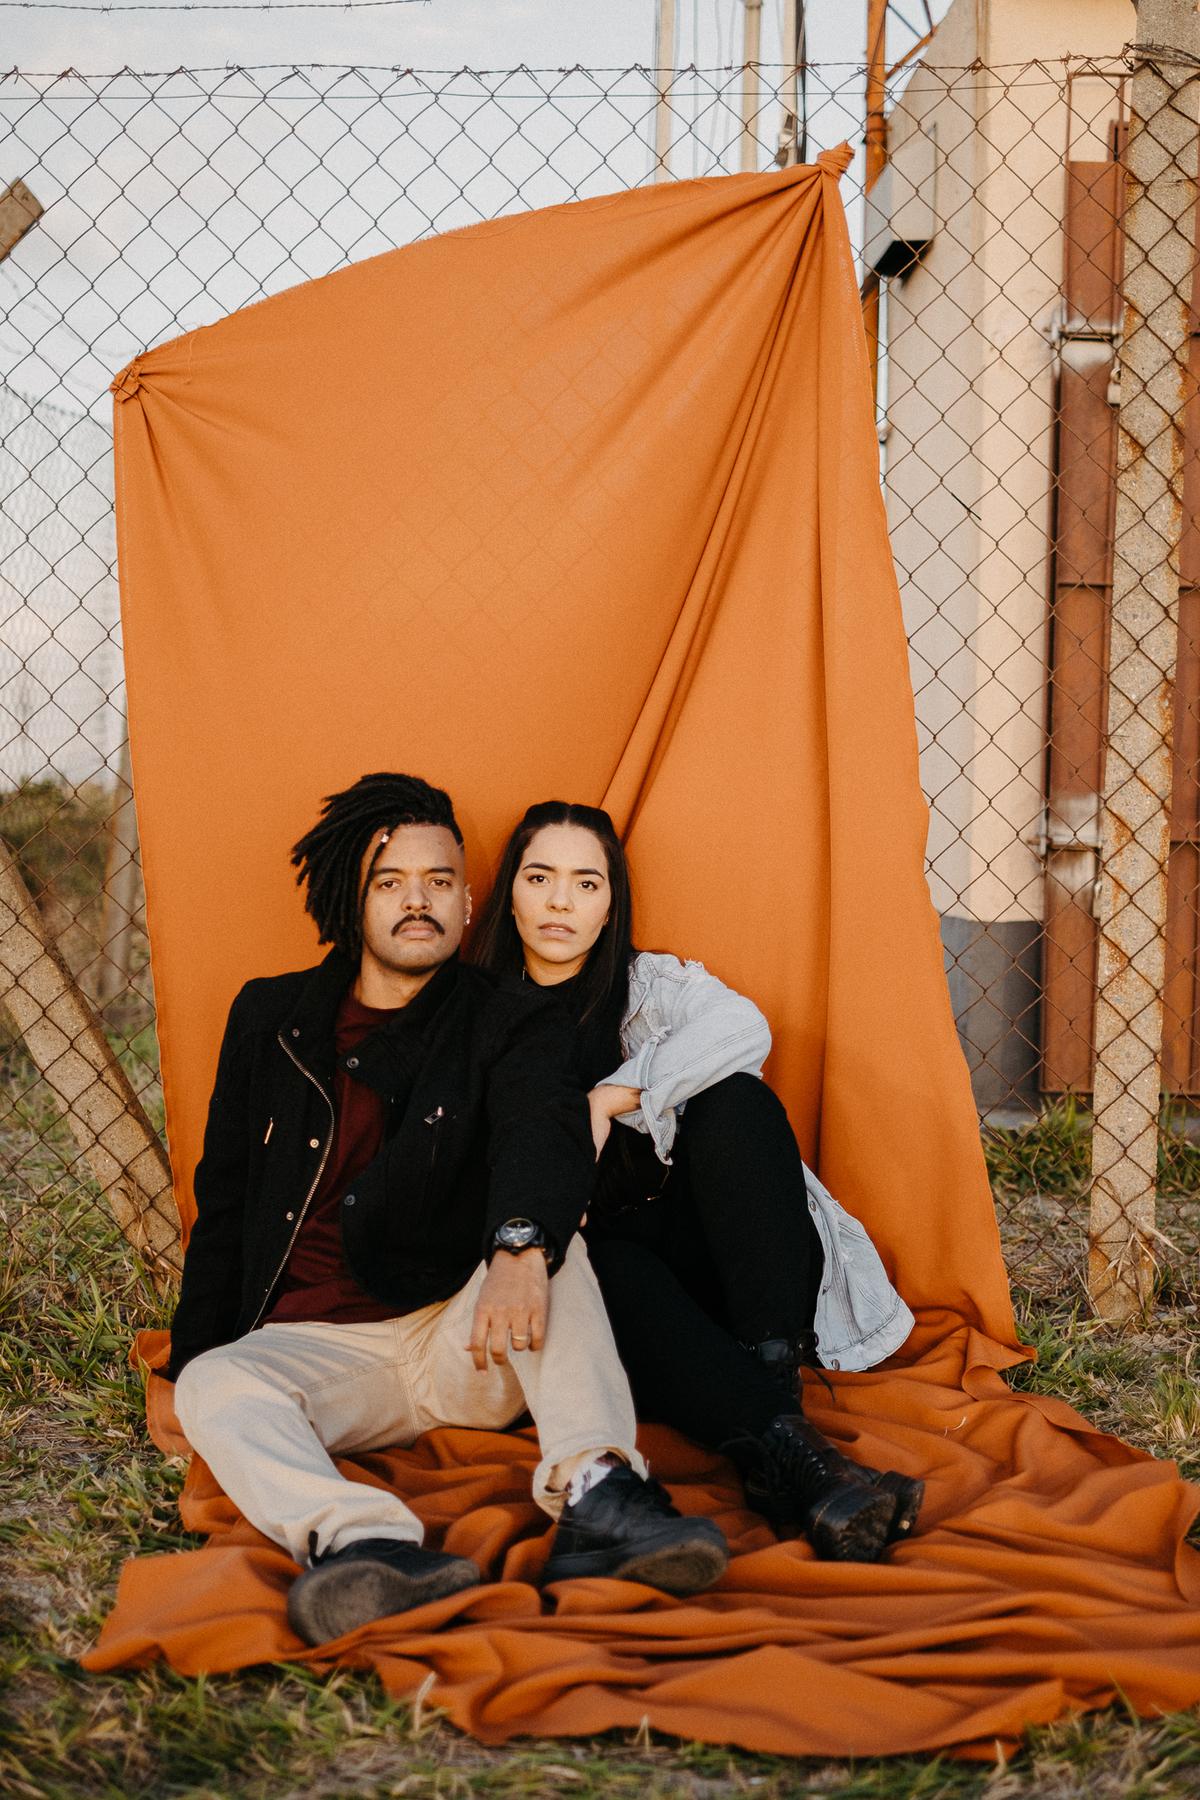 fotografos de casamento em pirapora do bom jesus morro do capuava ensaio pre casamento por do sol fotografos autenticos casais estilosos ideias de look pra ensaio